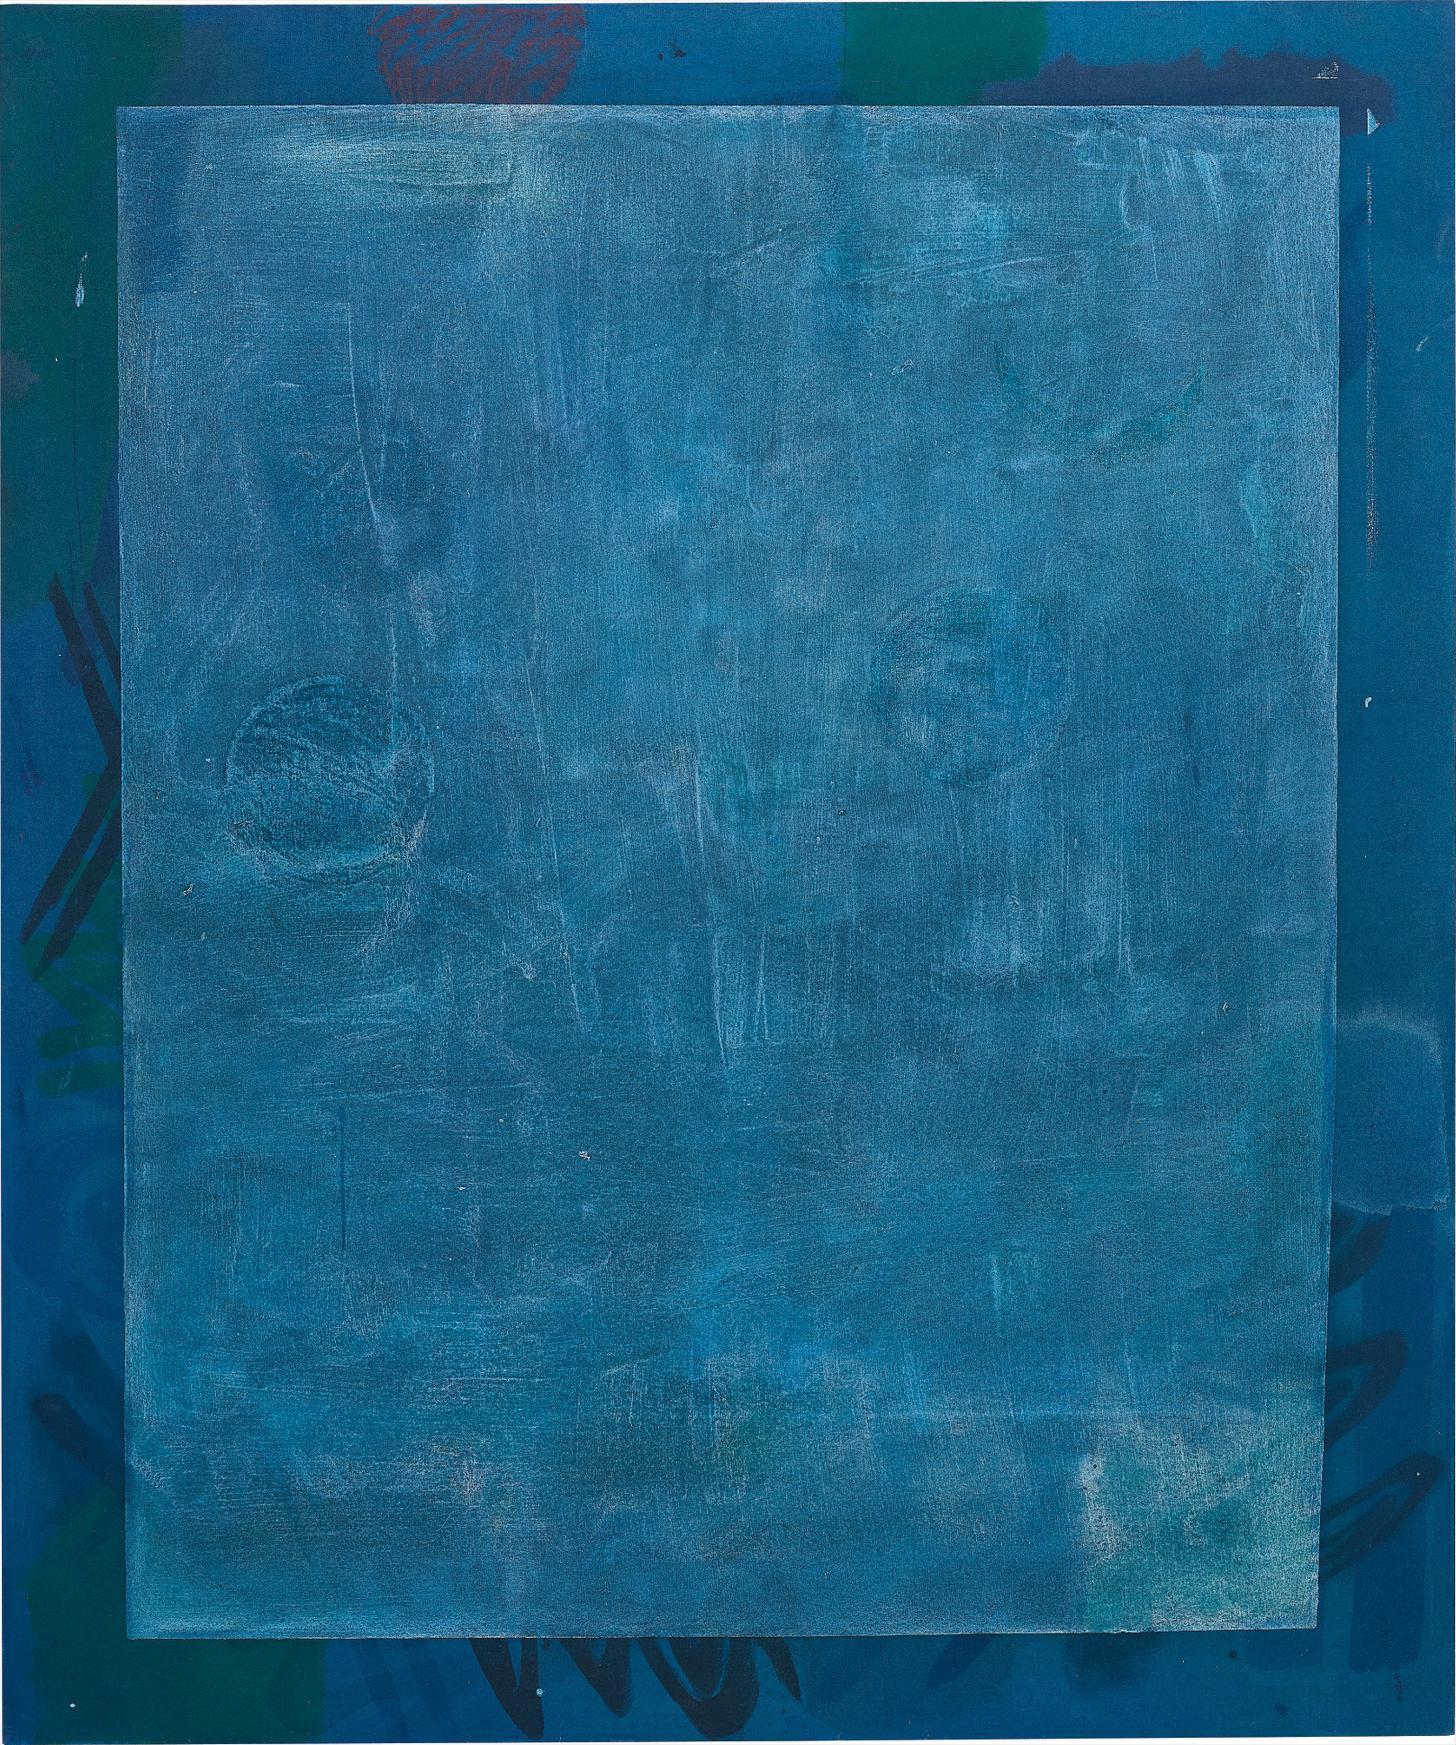 Matt Connors-Blue Bleed-2011